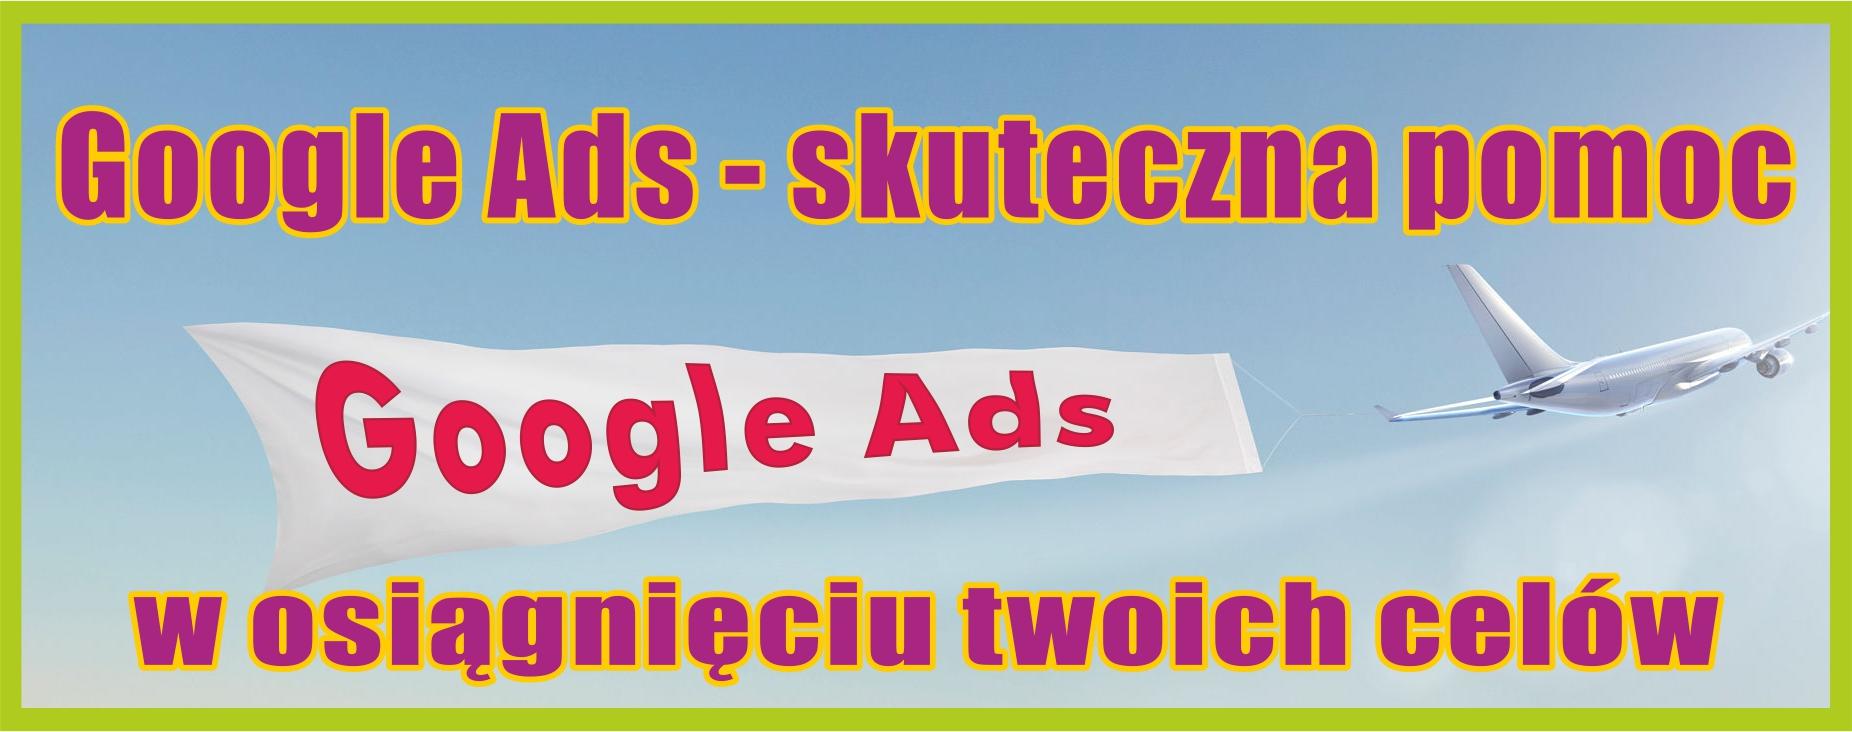 Google Ads – skuteczna pomoc w osiągnięciu twoich celów